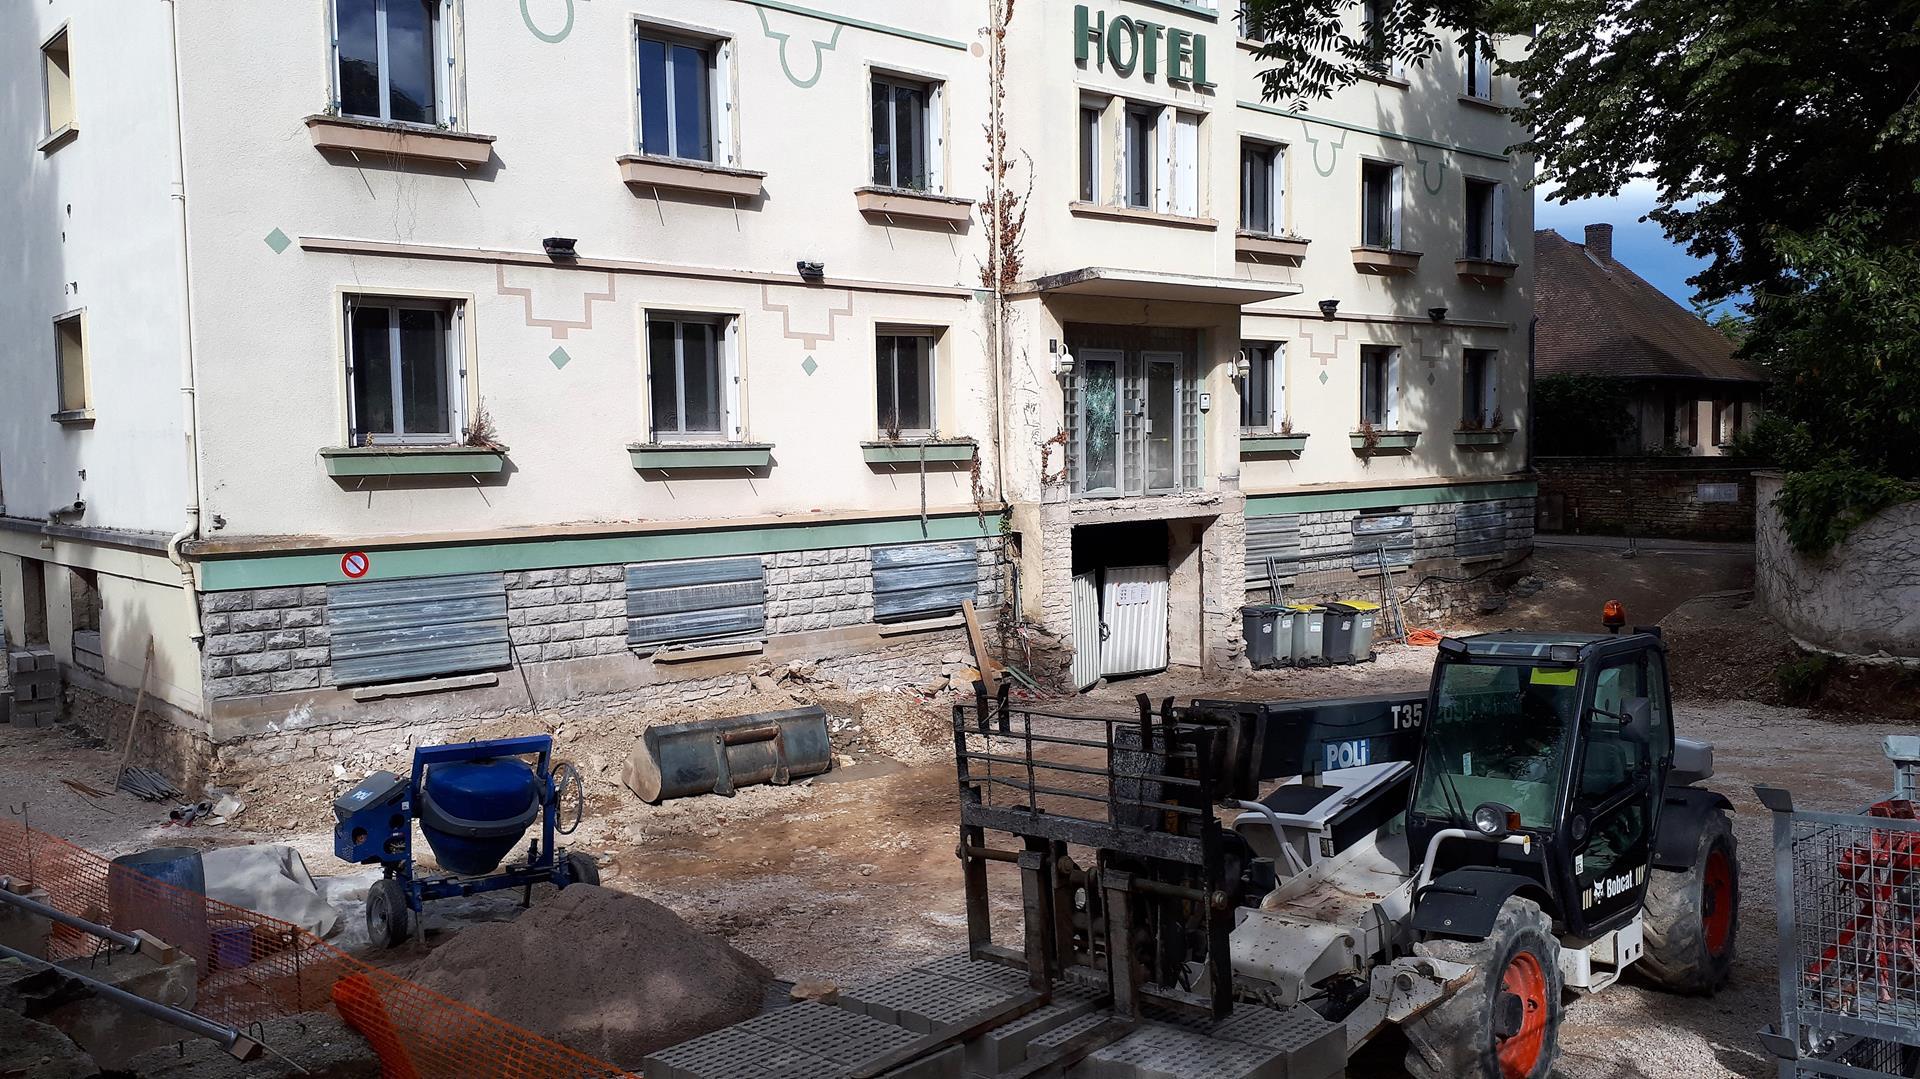 Hotel des Alles travaux 06 2020 (4)